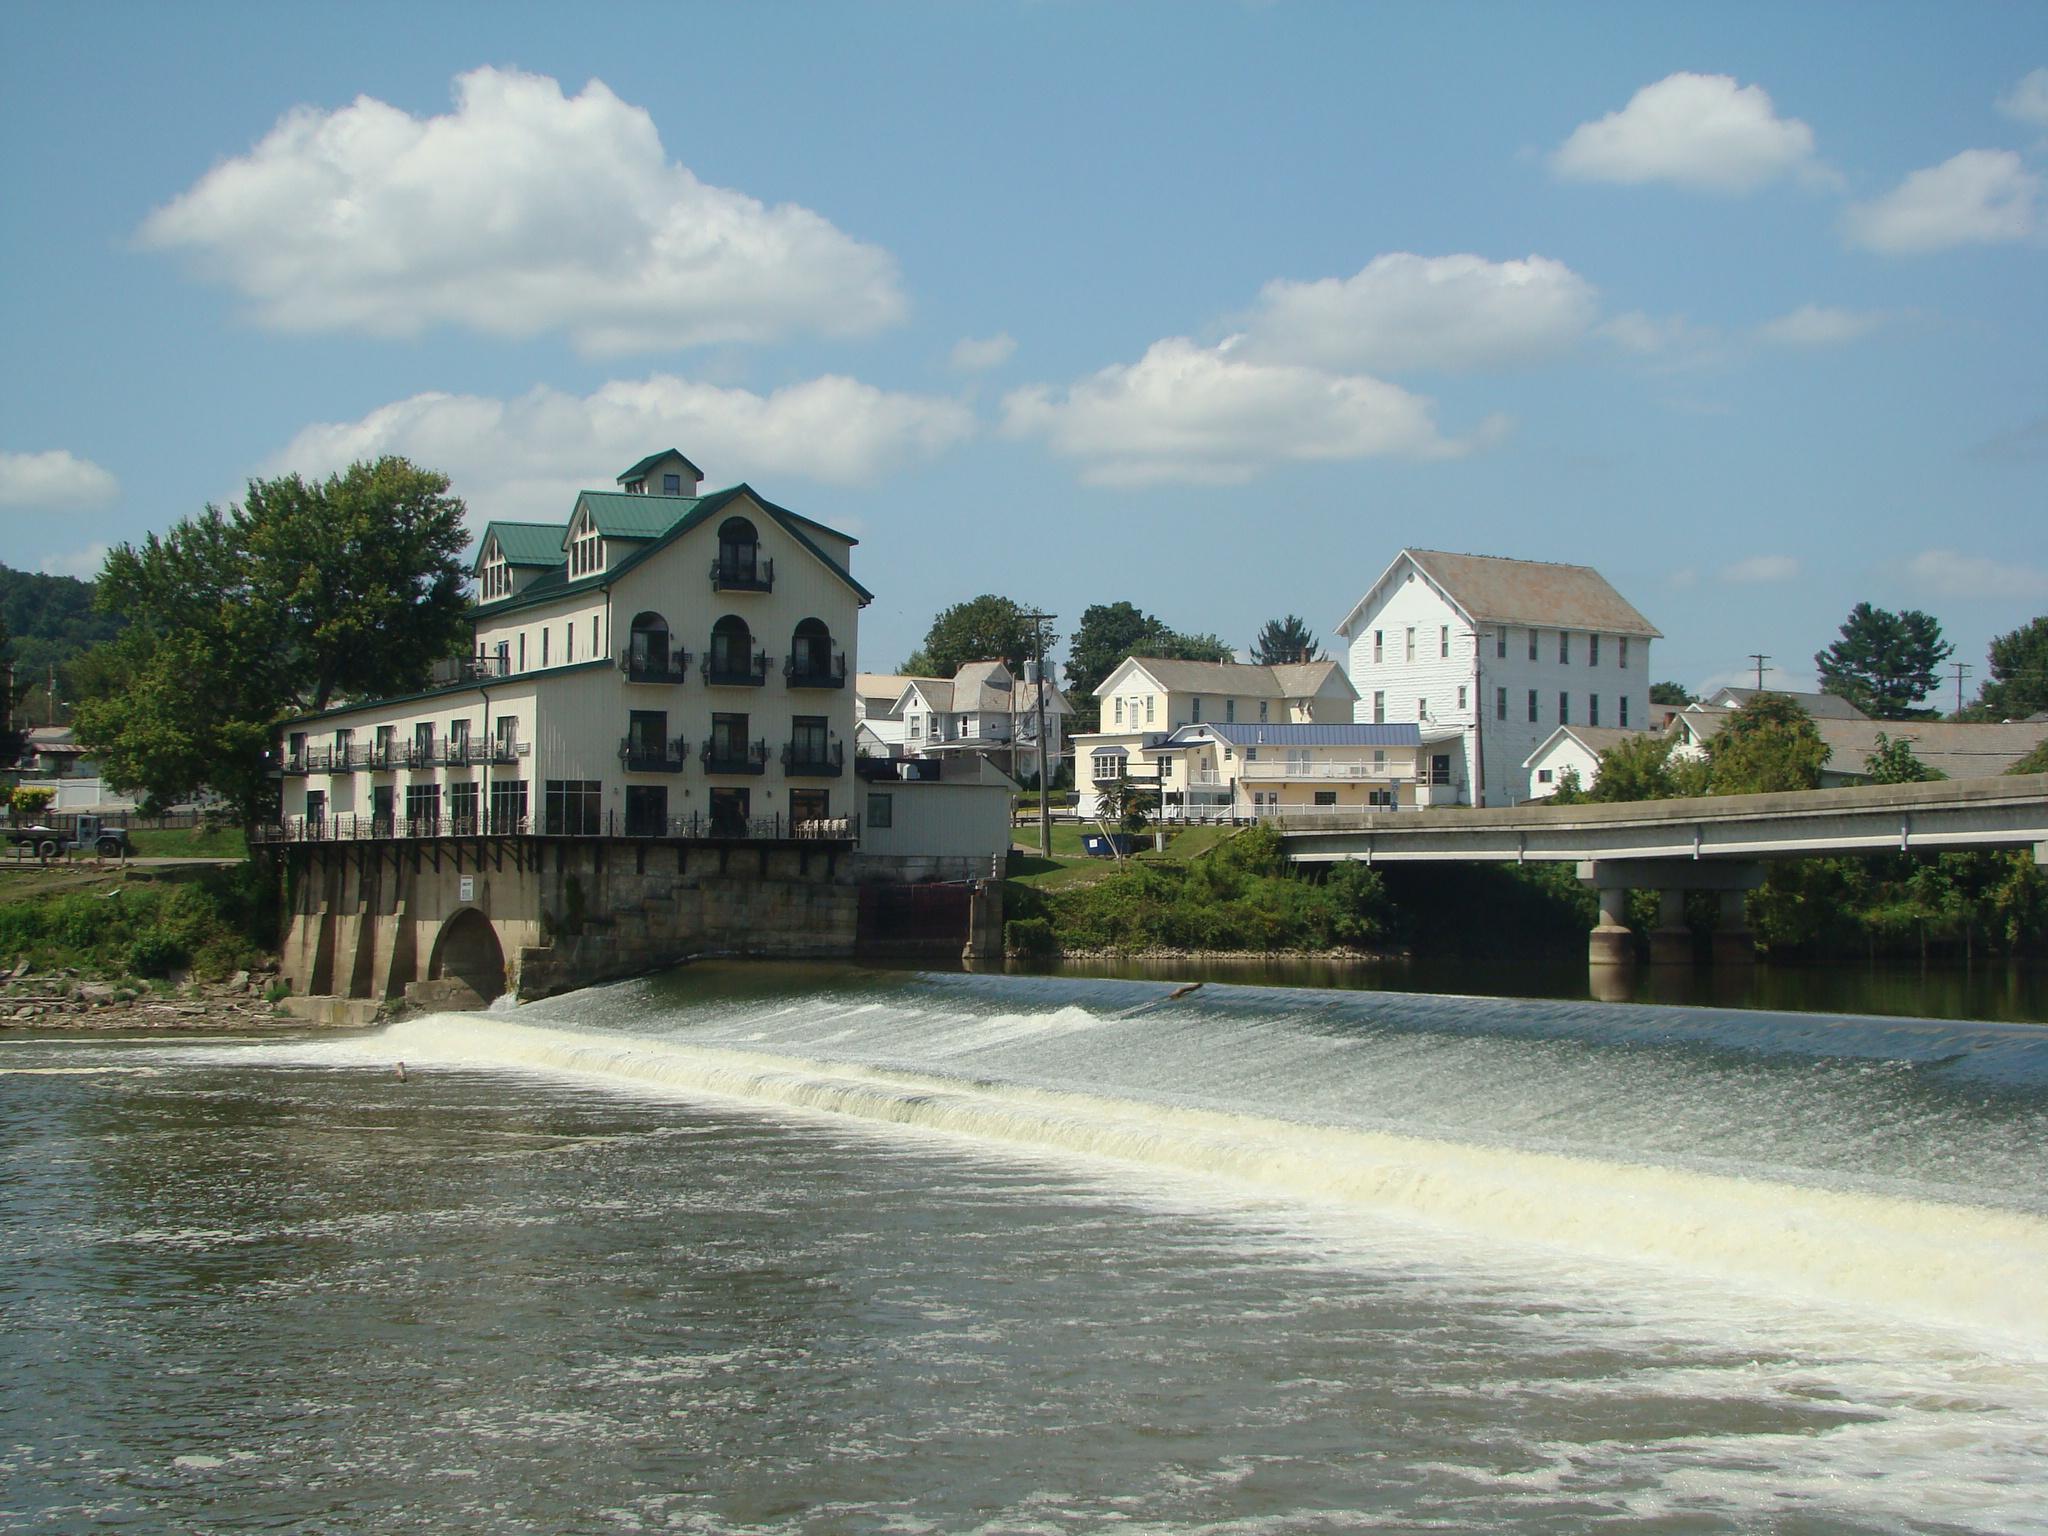 River Stockport Inn